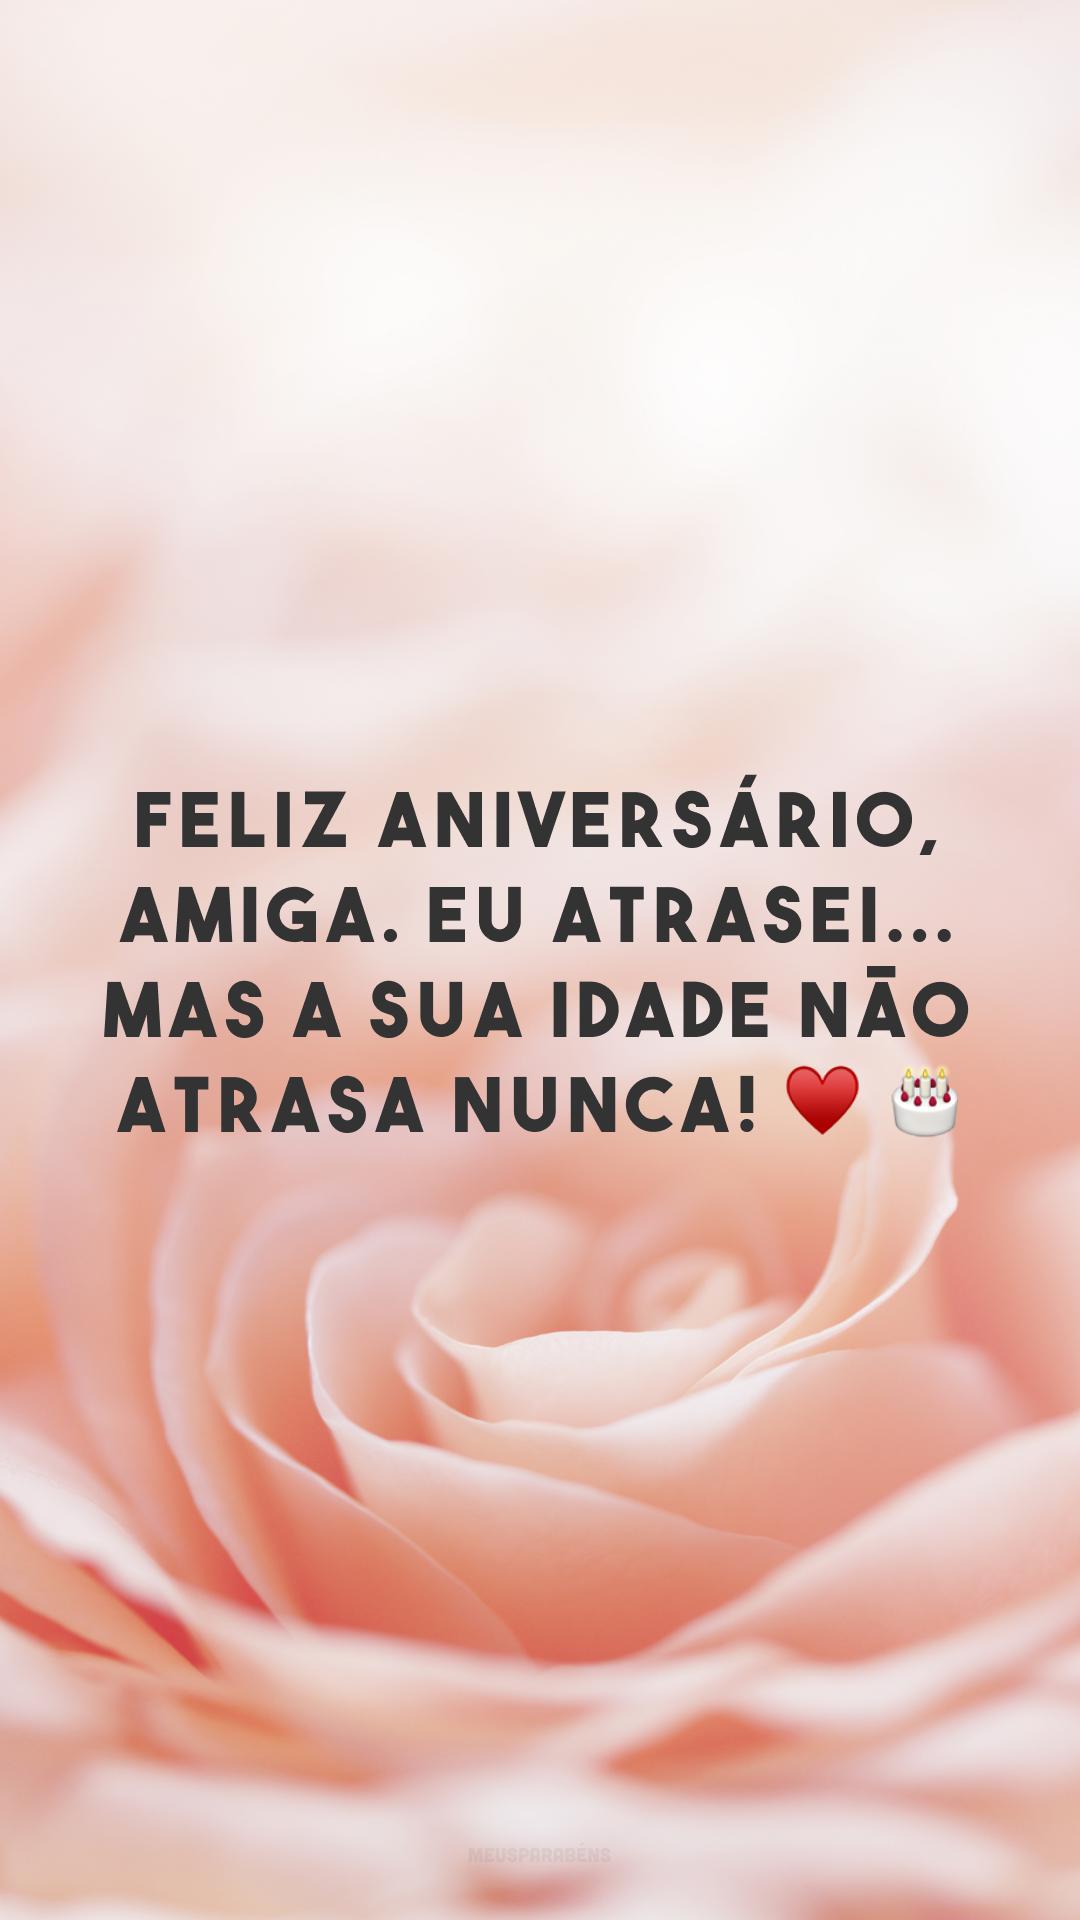 Feliz aniversário, amiga. Eu atrasei... mas a sua idade não atrasa nunca! ♥ ?